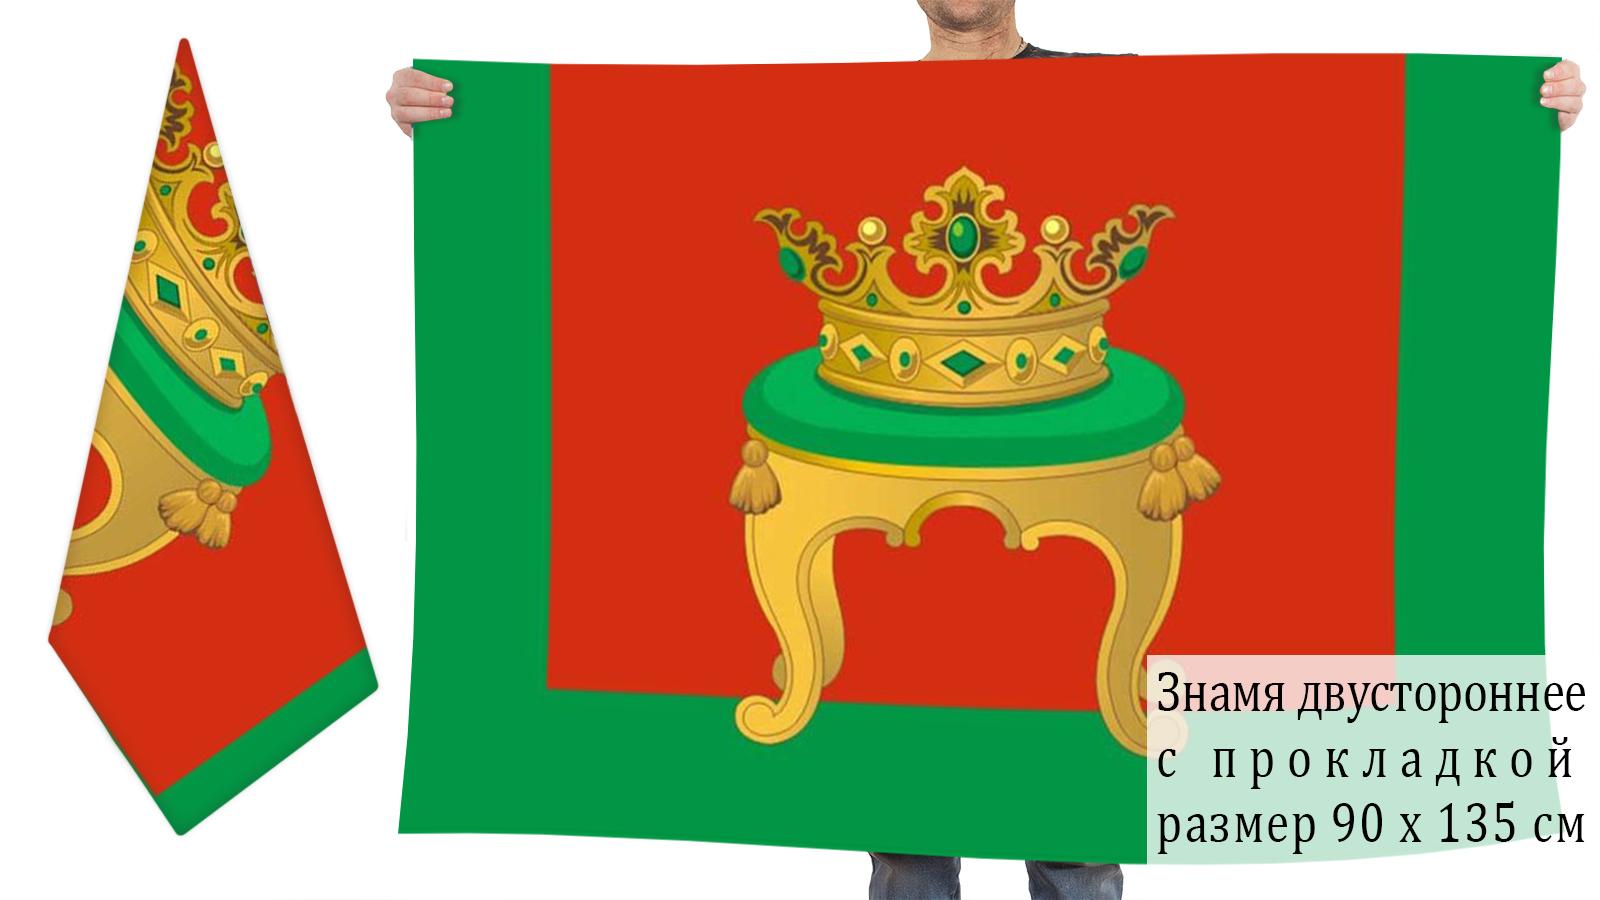 Купить флаг Калининского района